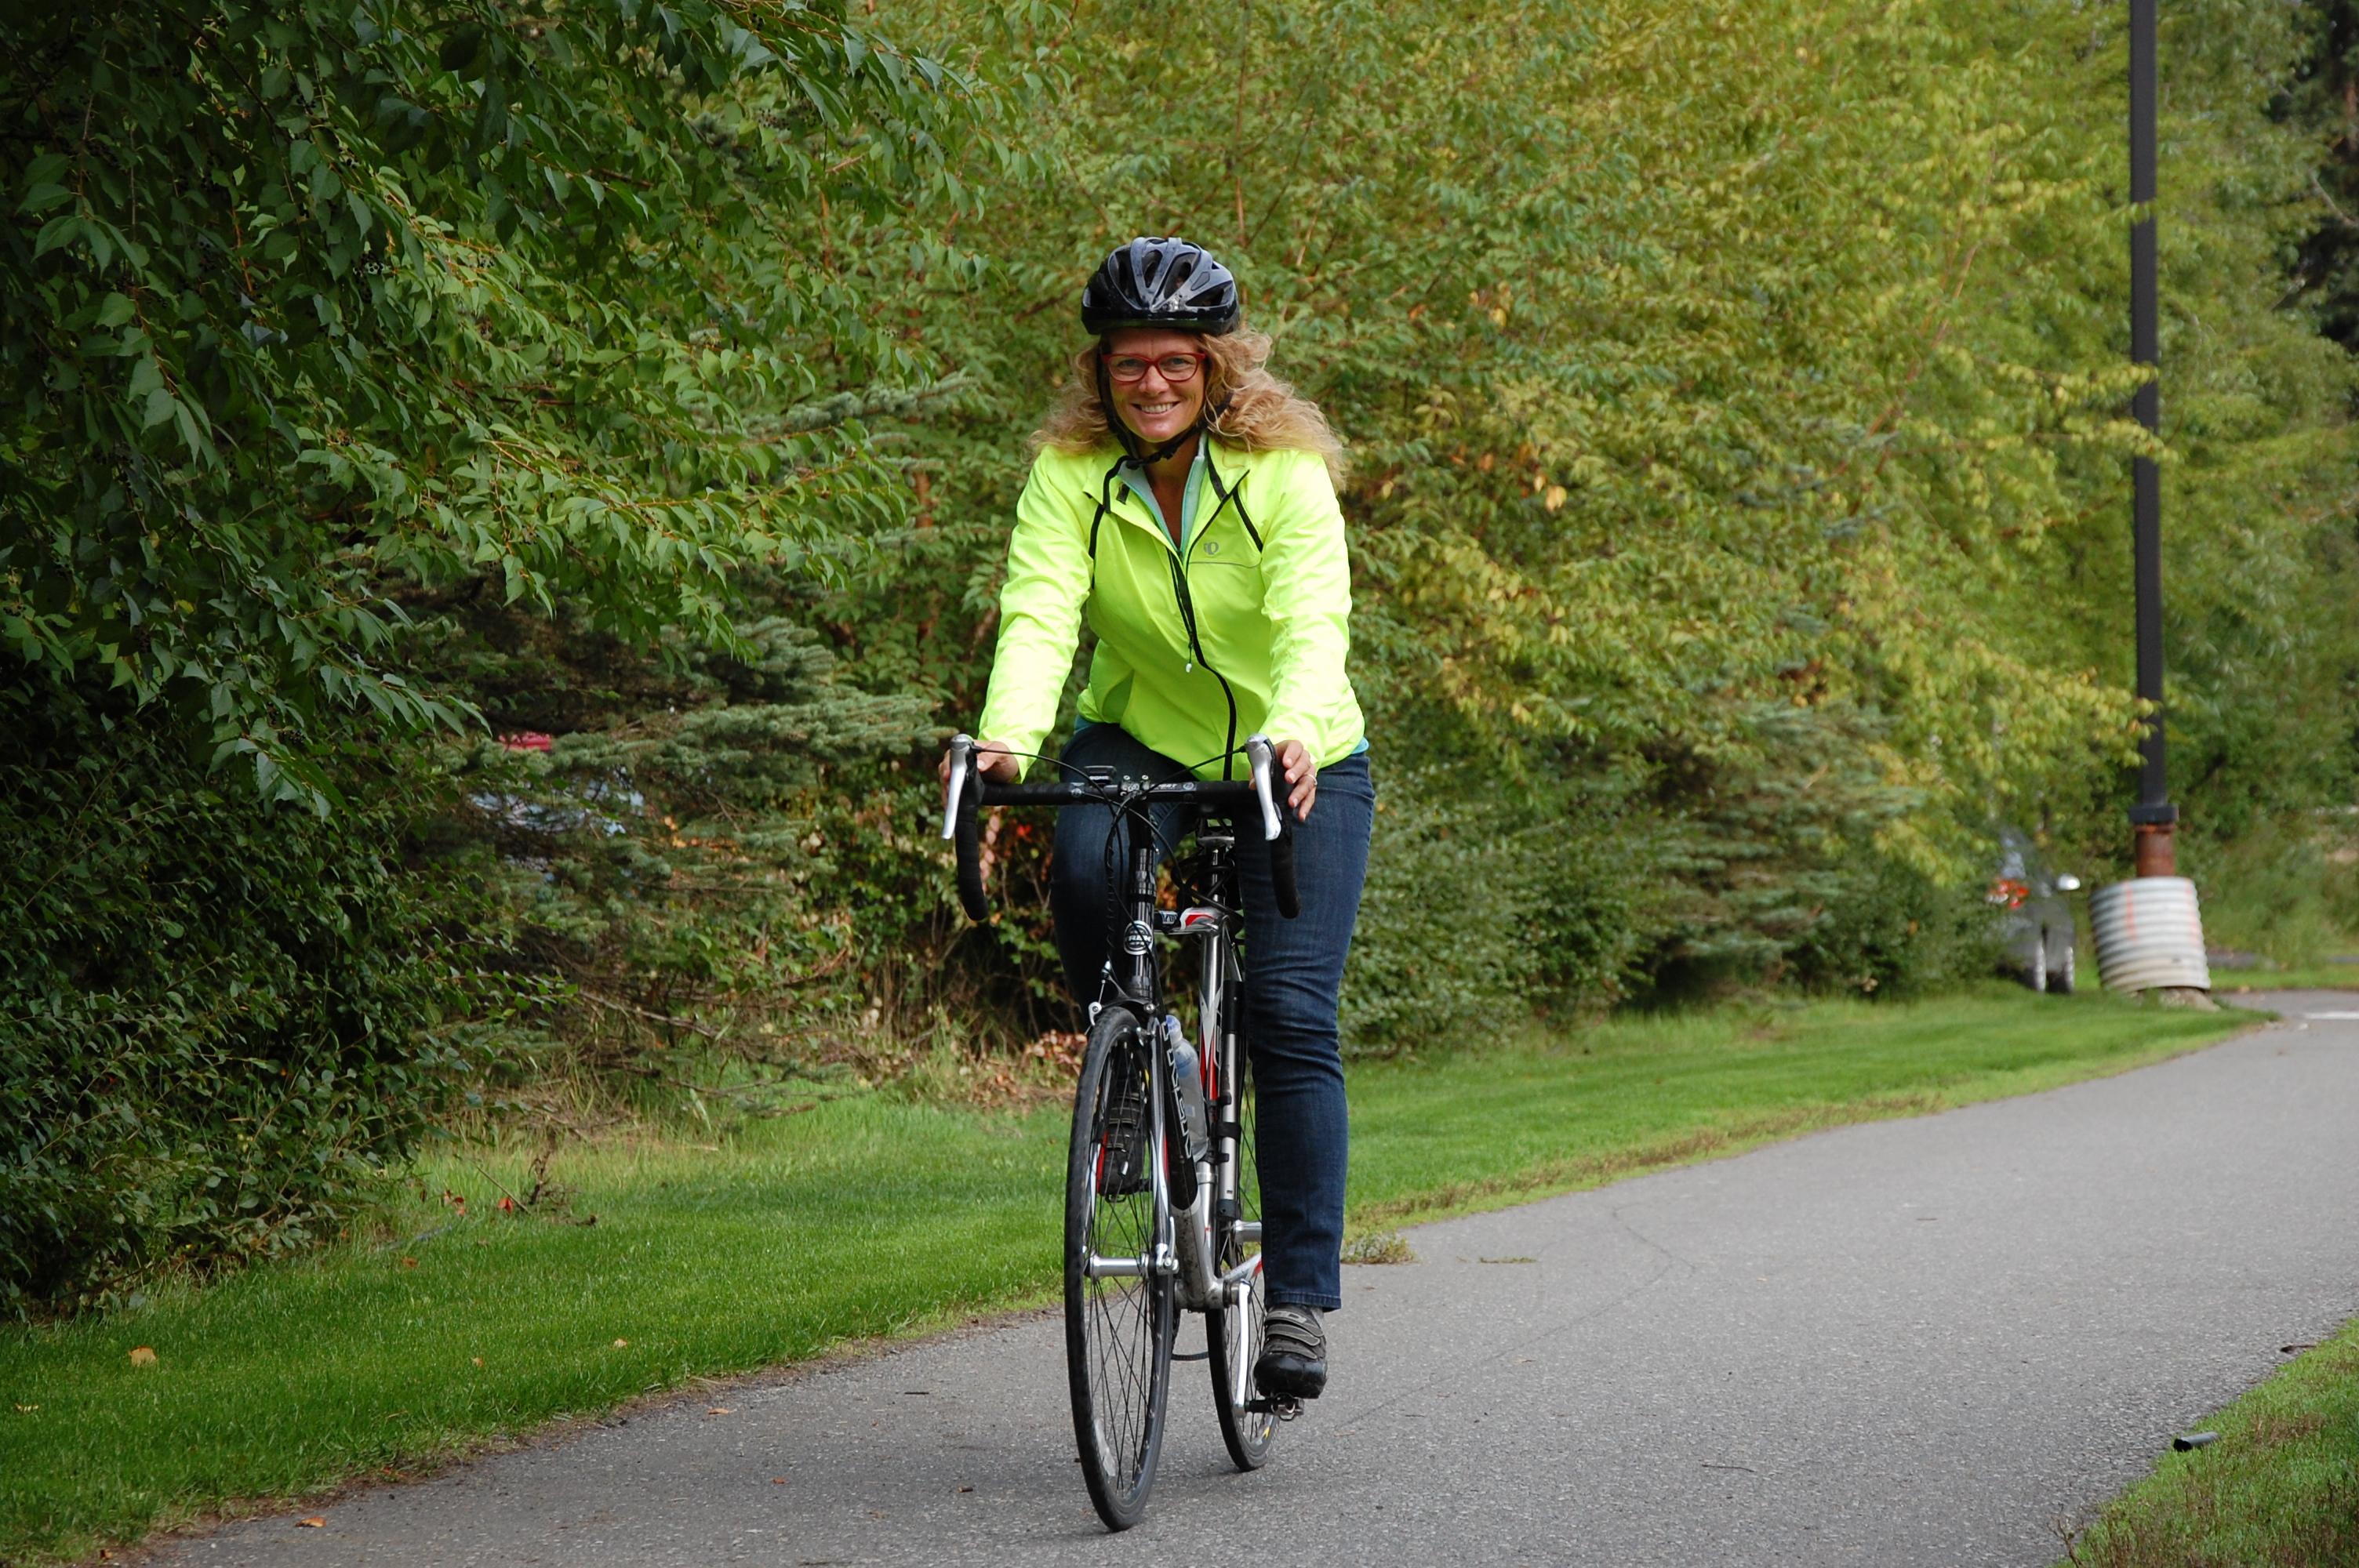 marcia howell bike